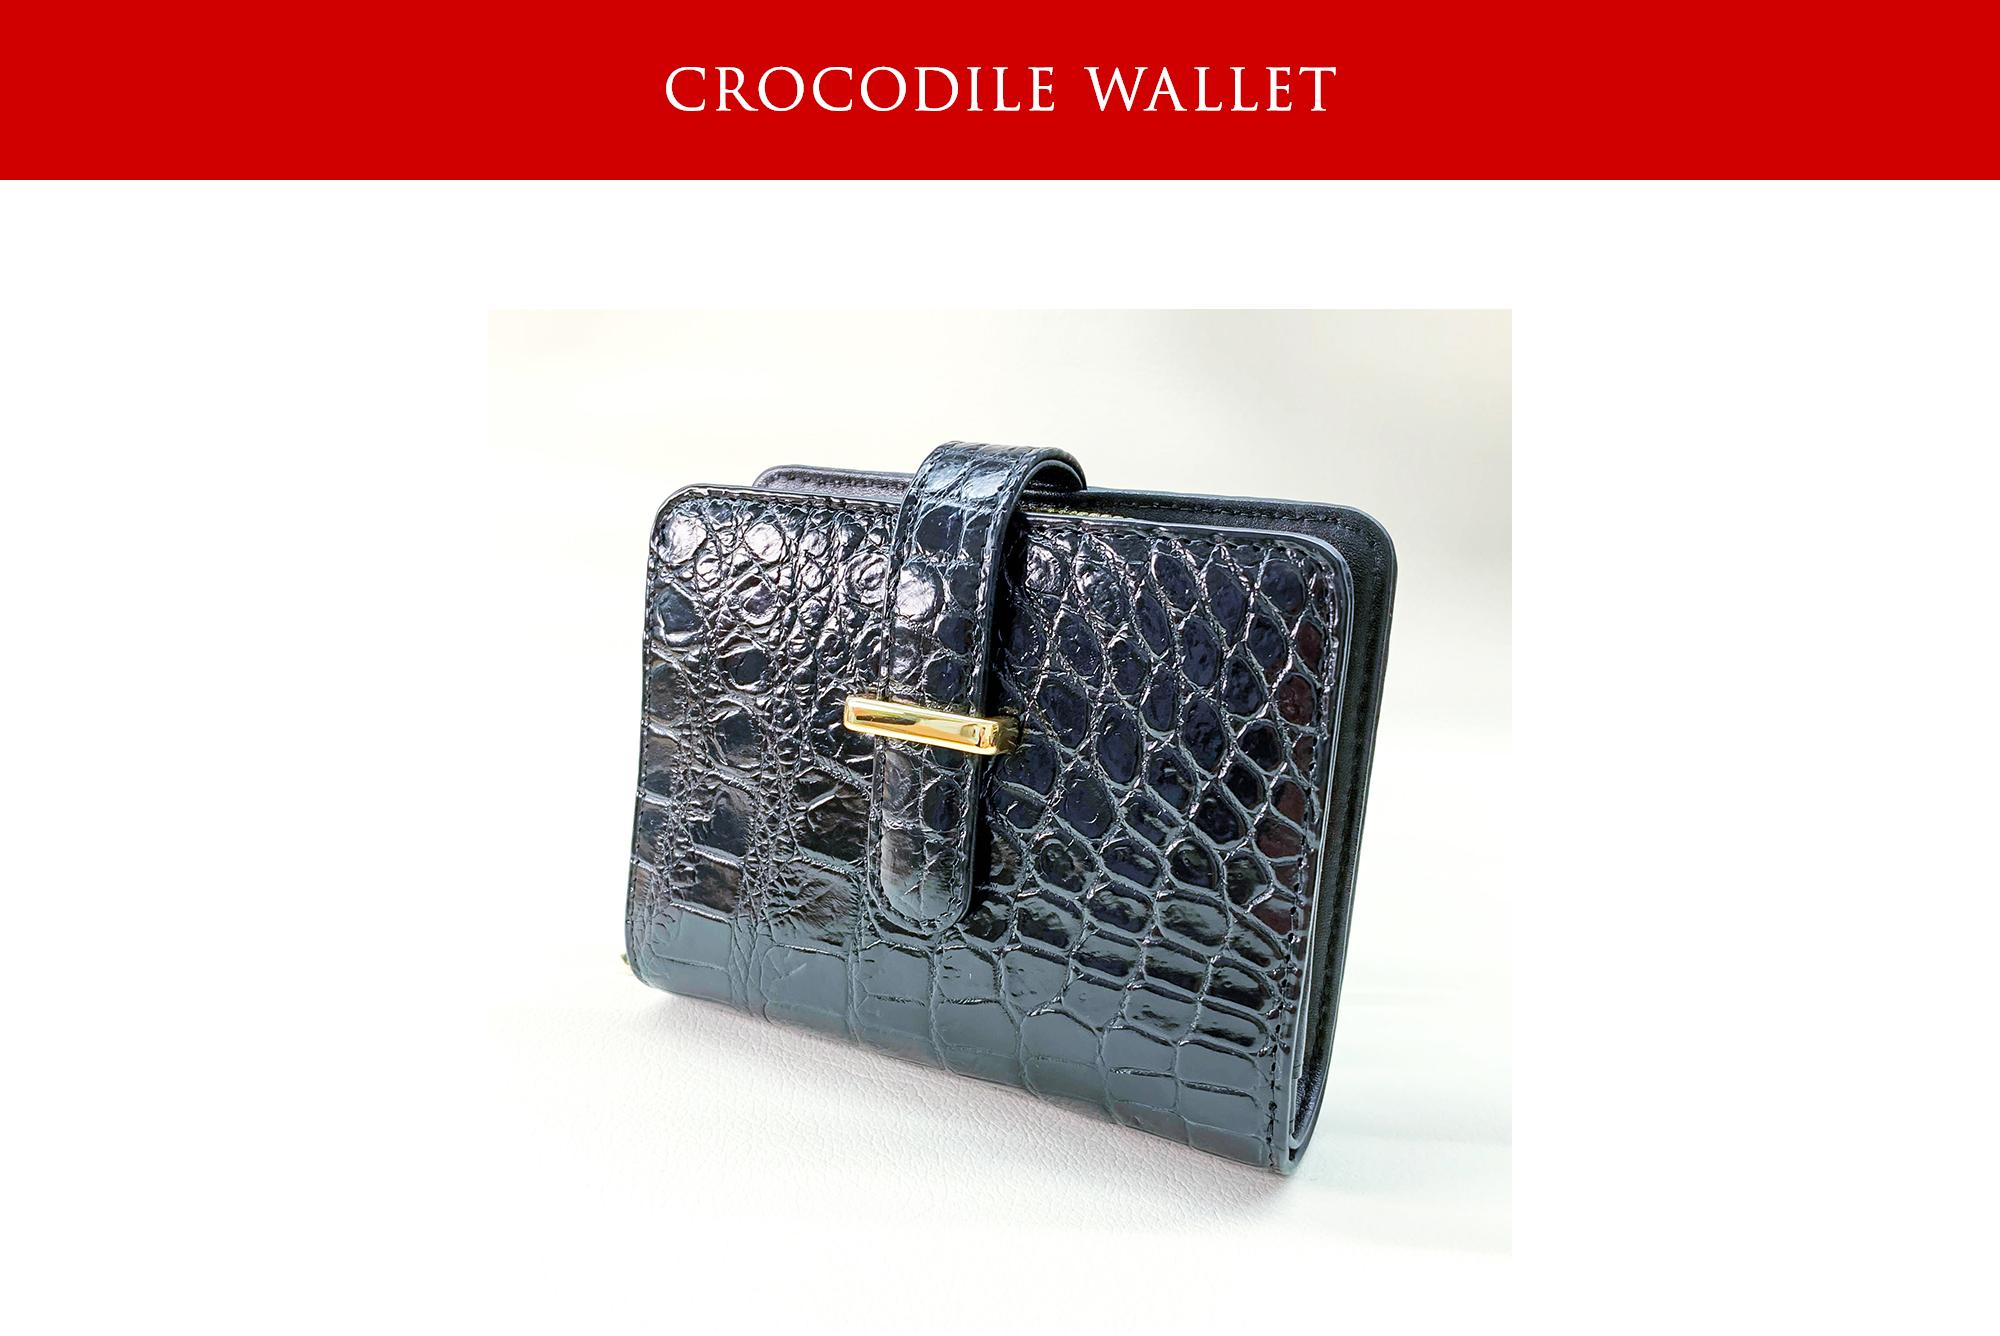 クロコダイル革短財布